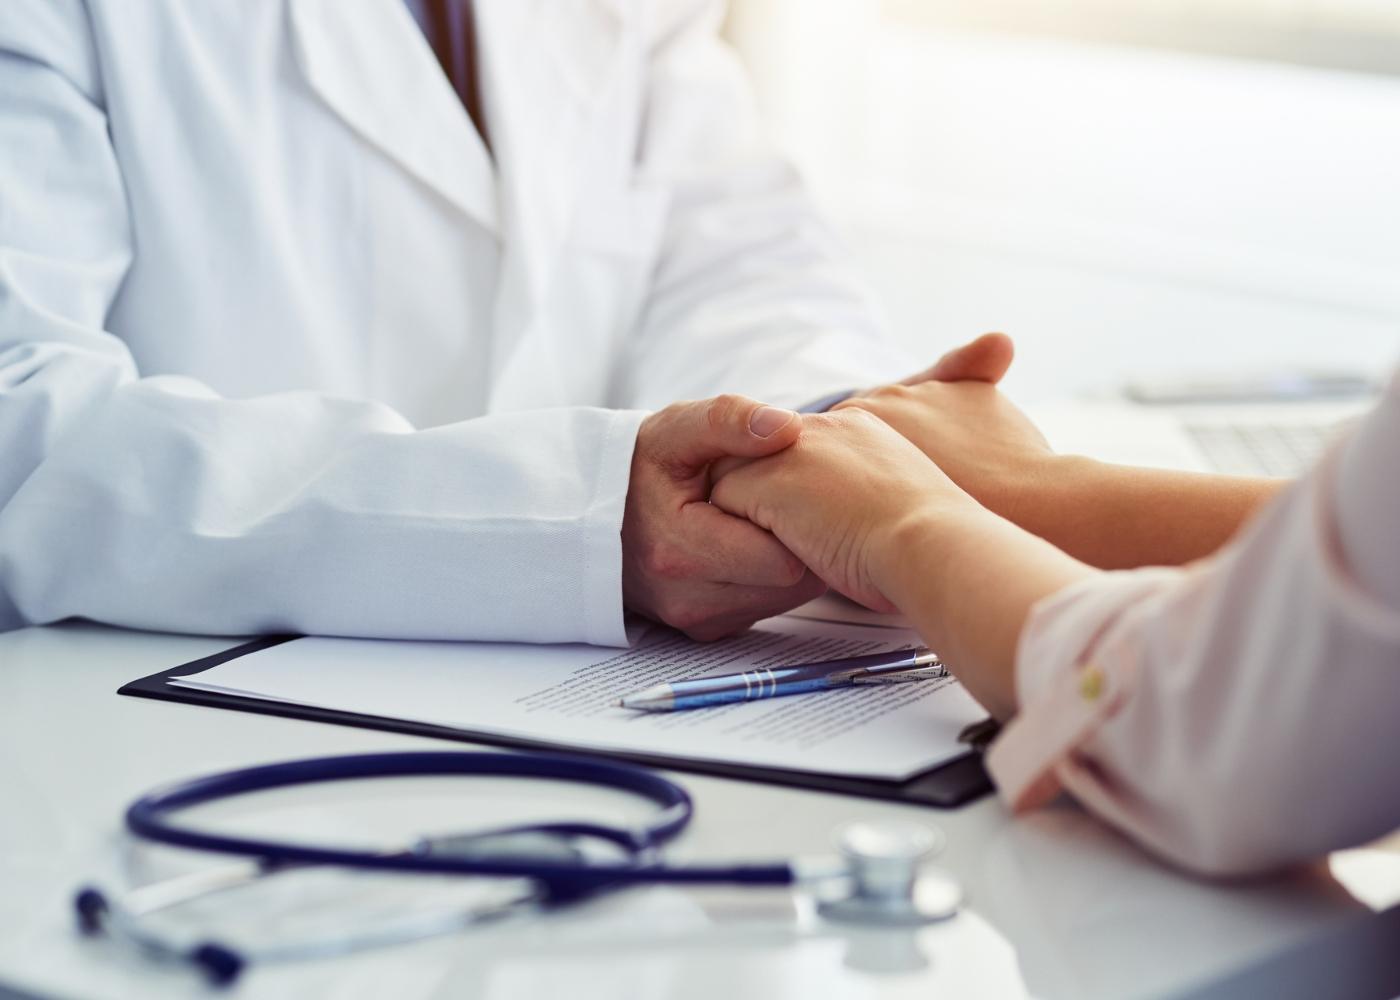 Médico a dar suporte emocional a paciente